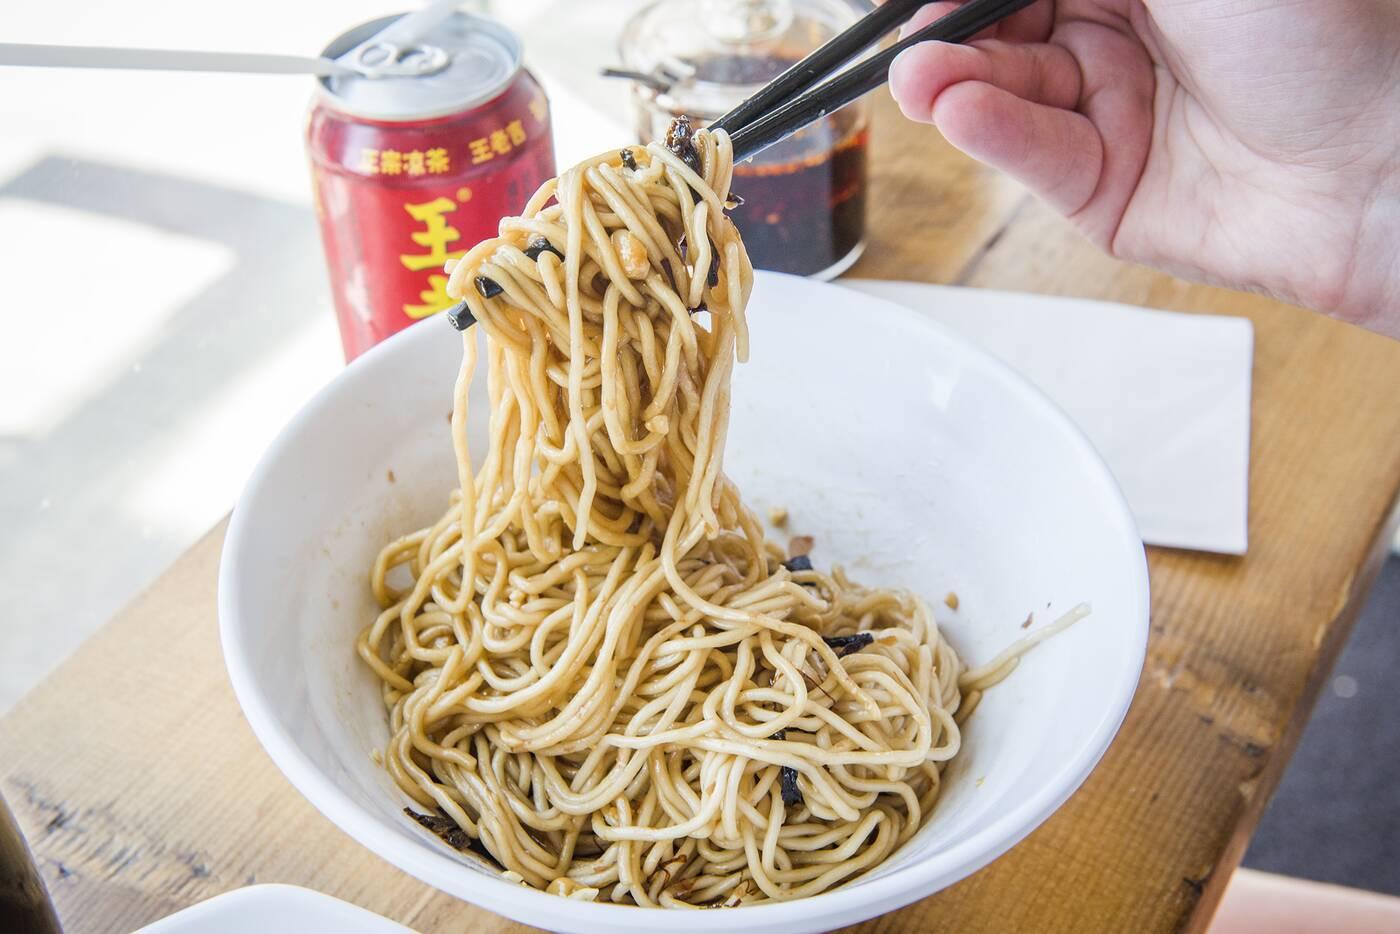 Sang Ji Fried Bao Toronto